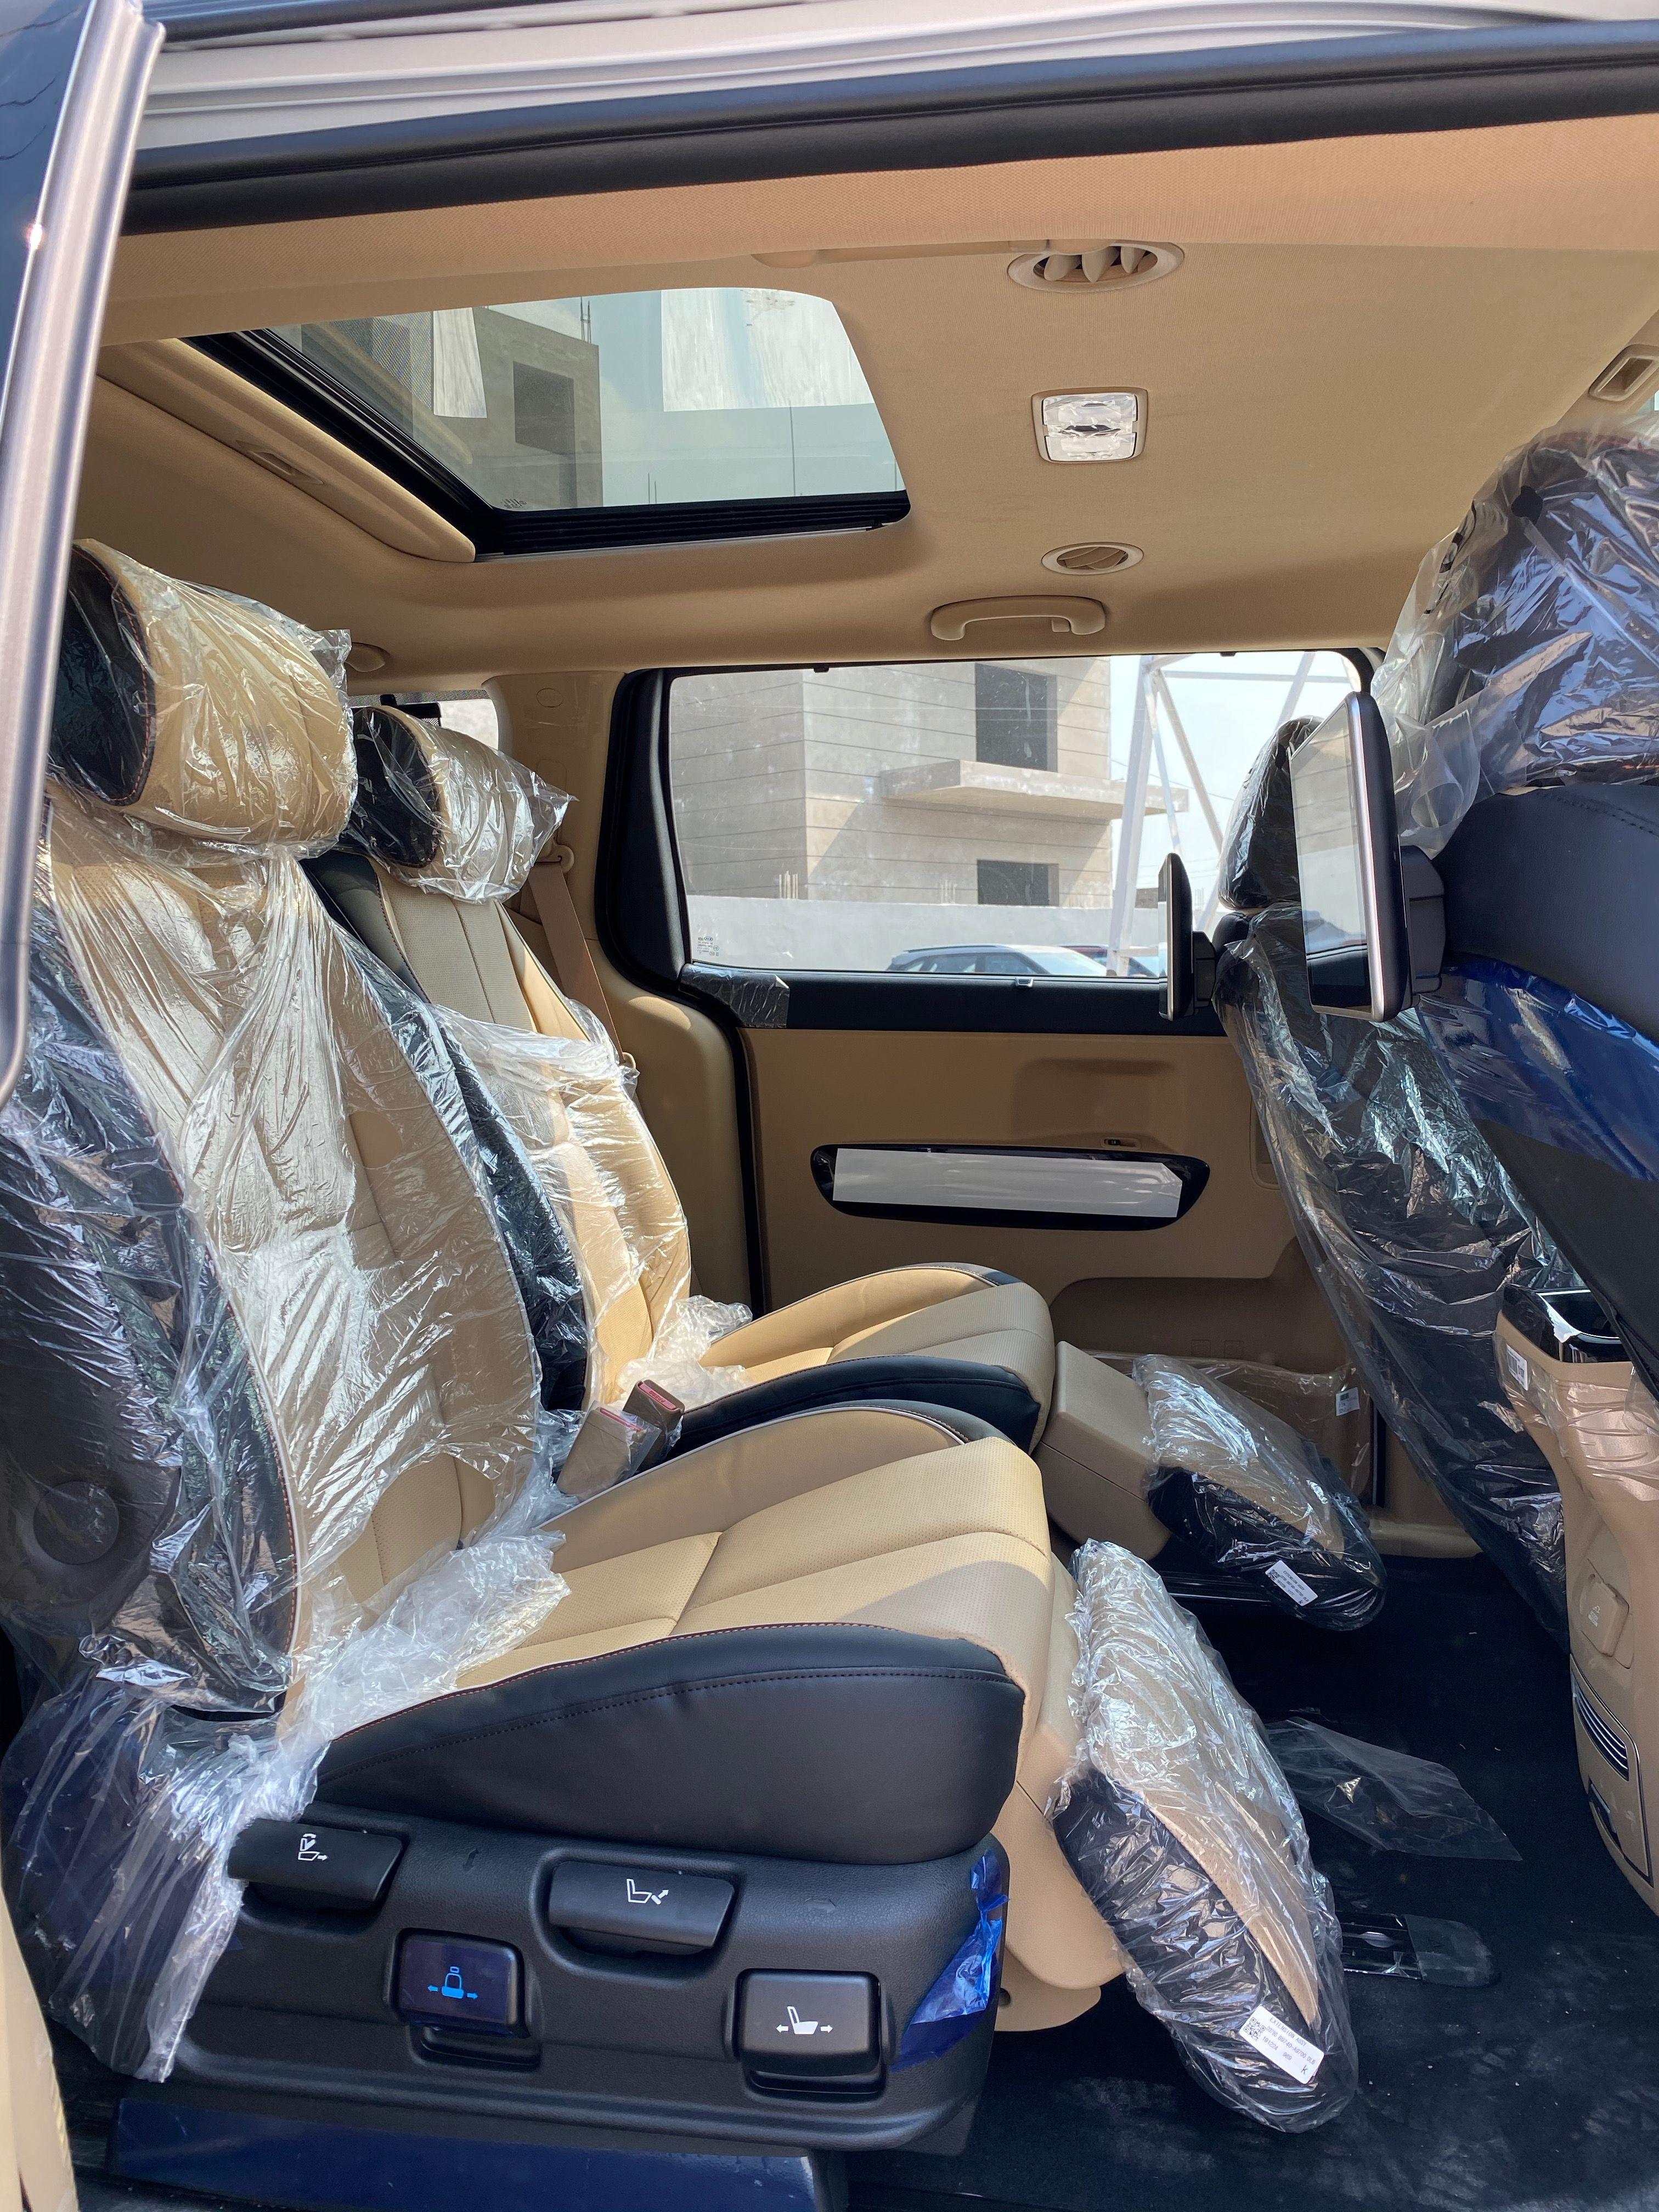 Kia Carnival Limousine Auto 40 Lakh Real Life Review In 2020 Kia Sedona Kia Limousine